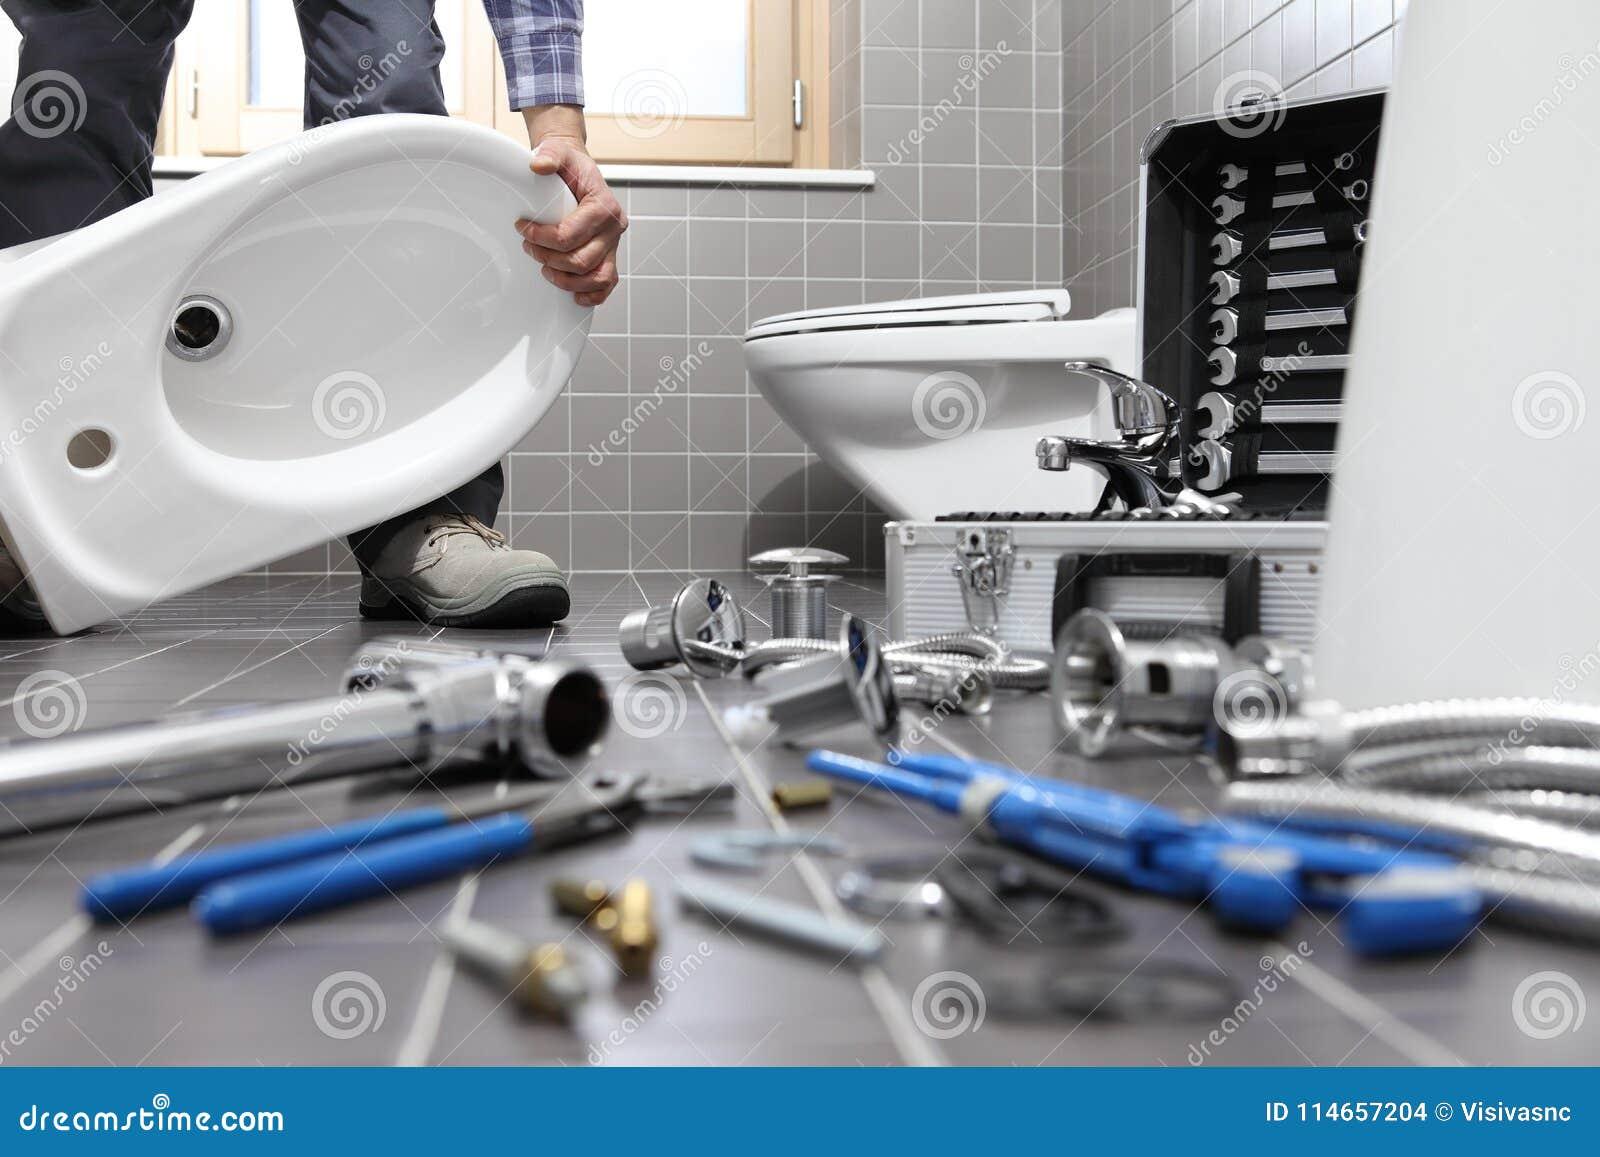 Klempner Bei Der Arbeit In Einem Badezimmer, Reparaturservice ...